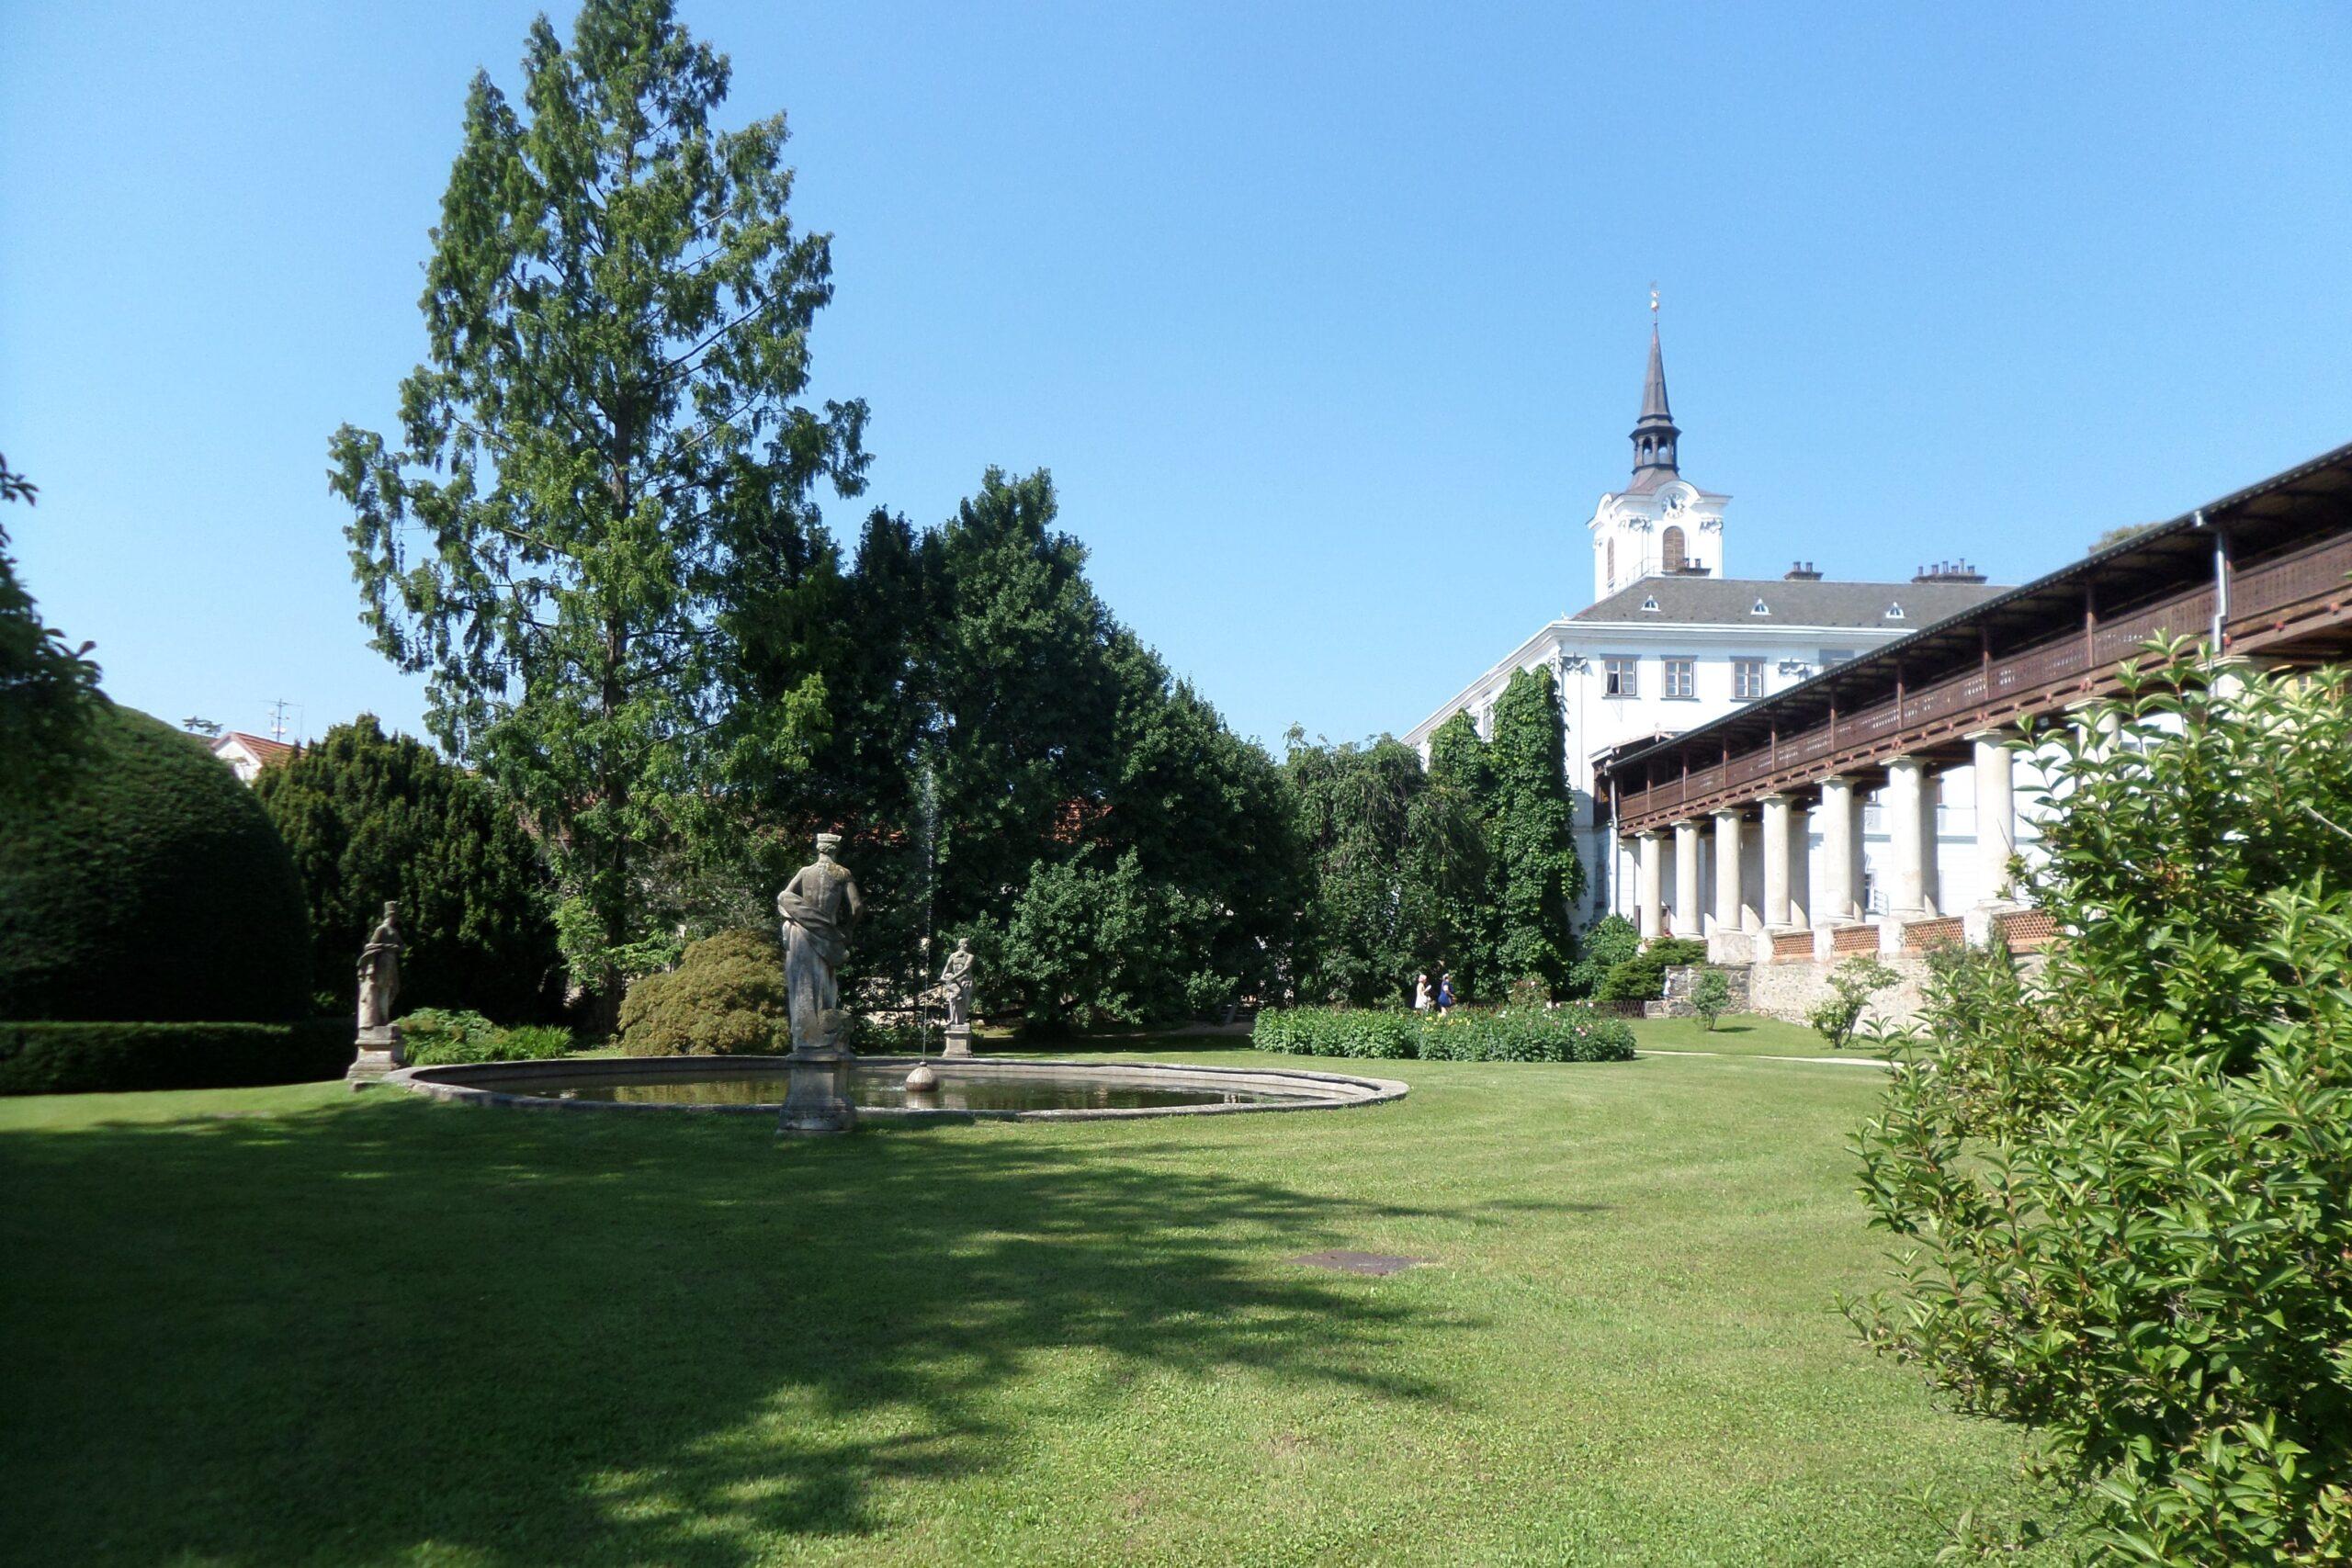 pohled na zahradu a zámek Lysice